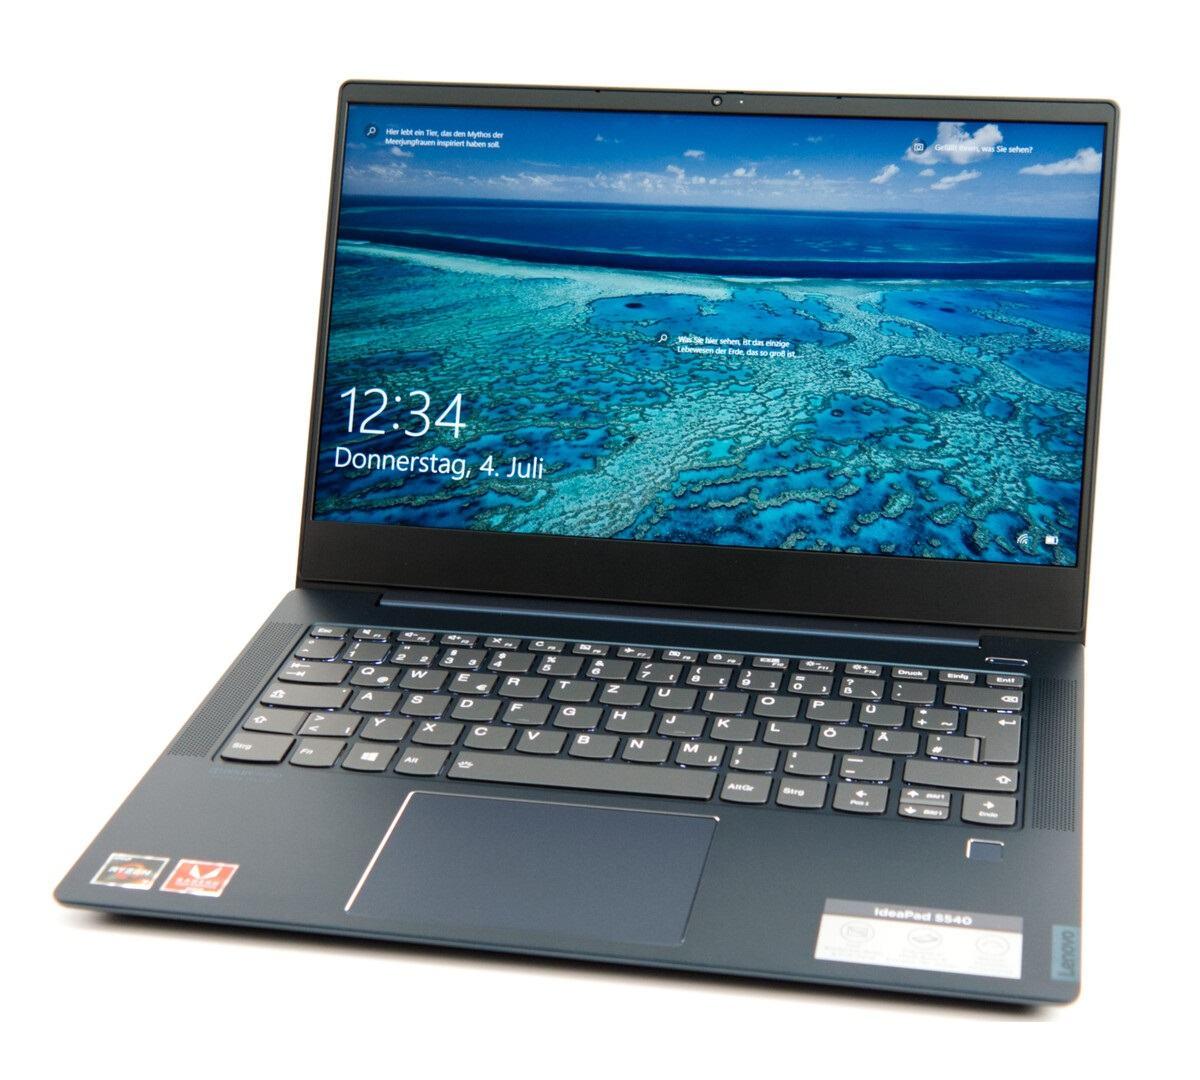 đánh giá Lenovo IdeaPad S540